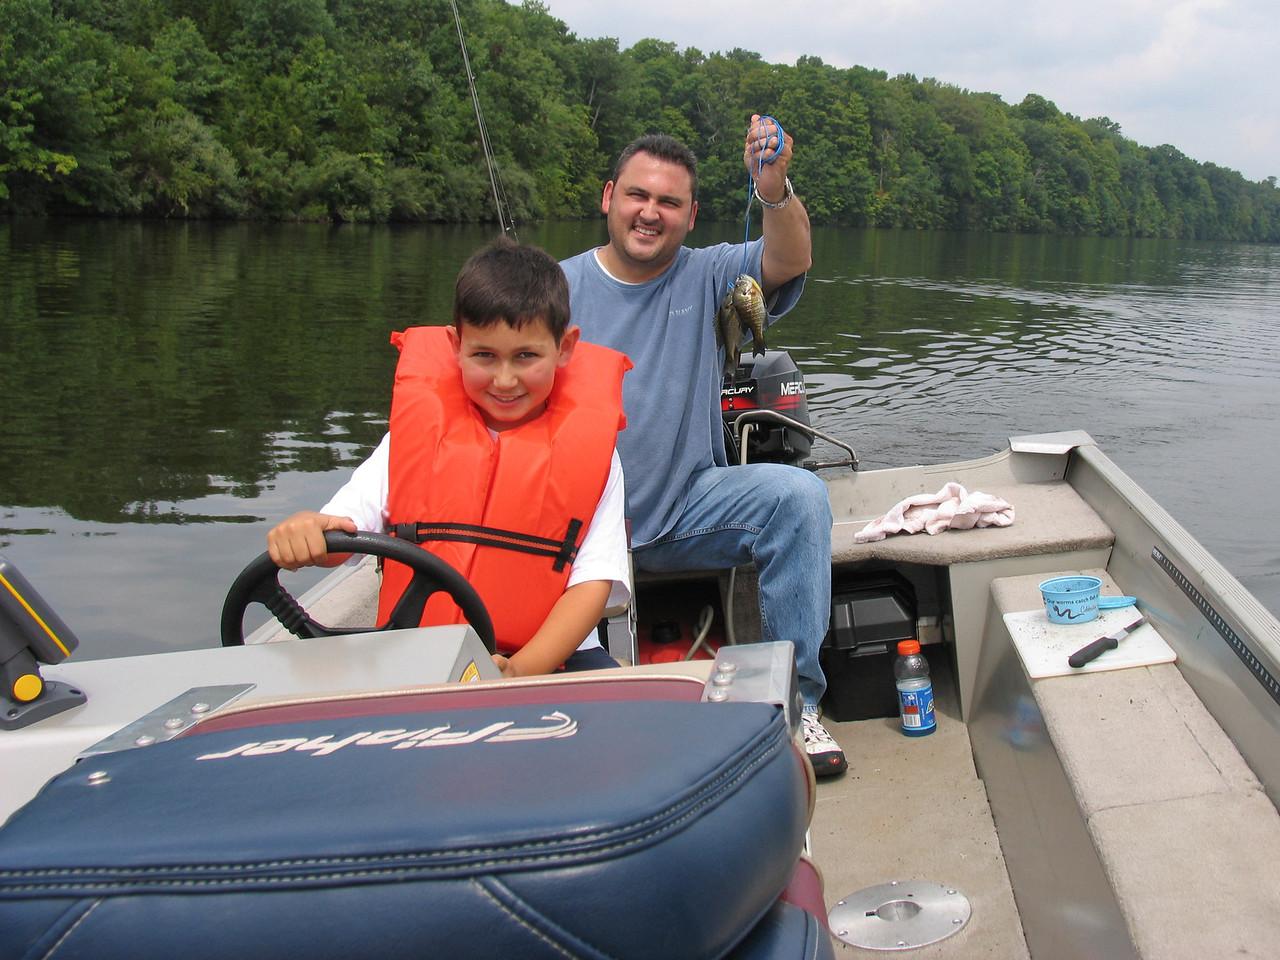 Cruising the lake